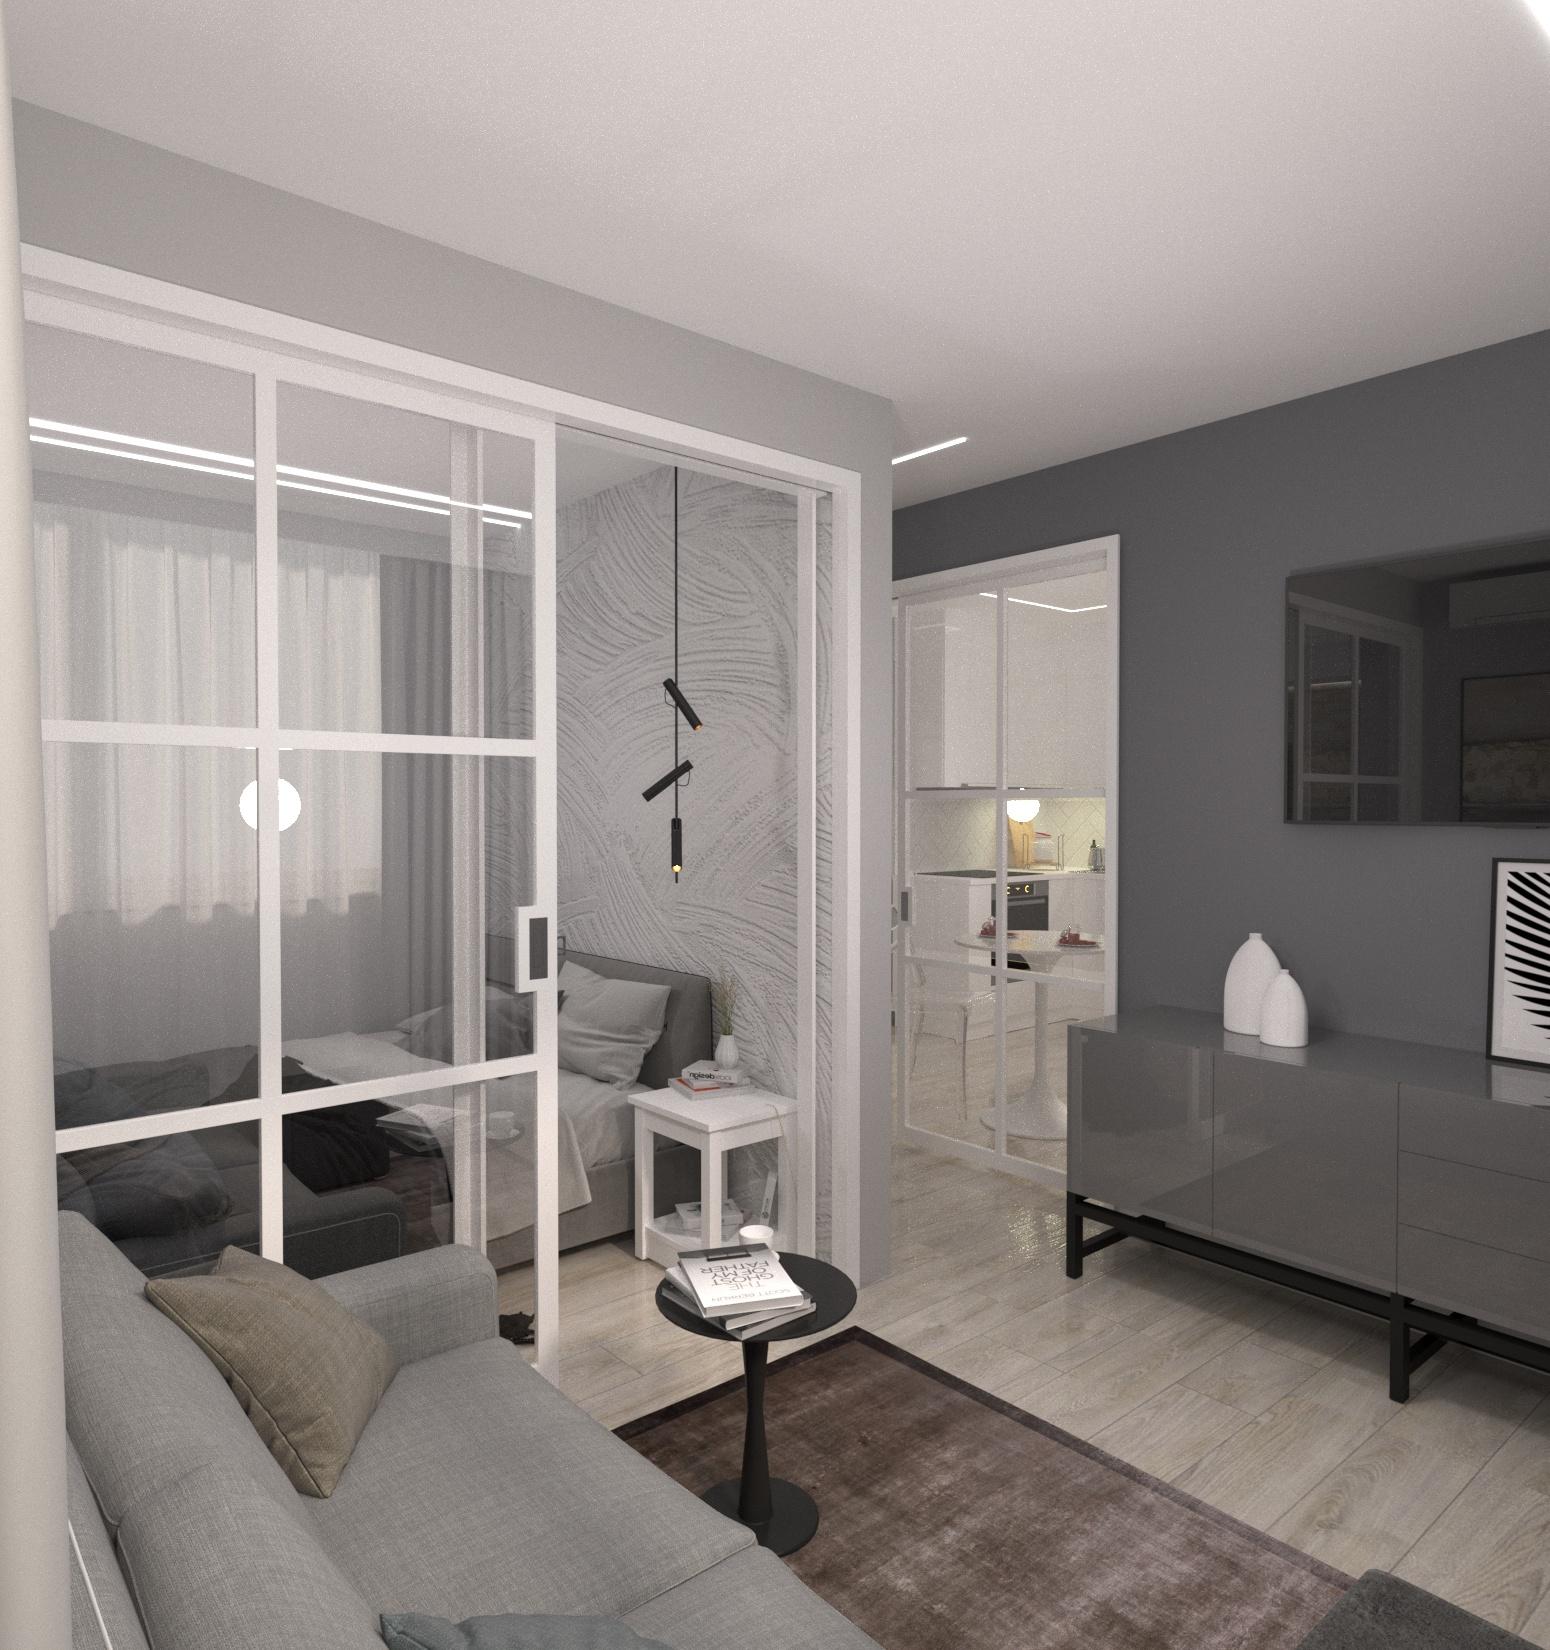 Проект квартири 47,5 кв.м по вул. Проскуровського Підпілля 165а - фото 7